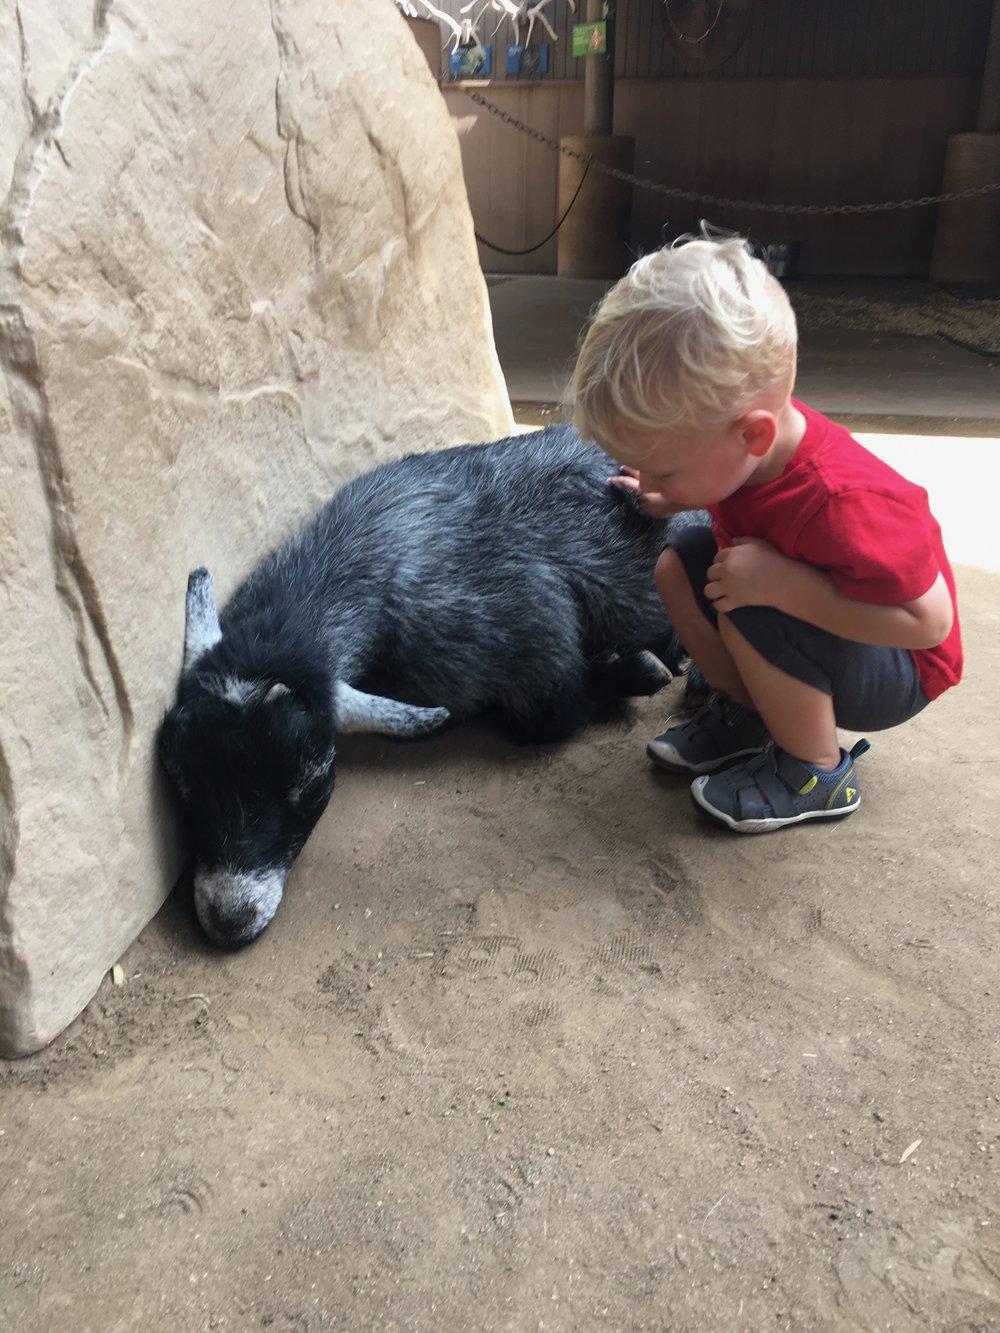 San Diego Zoo: Petting Zoo